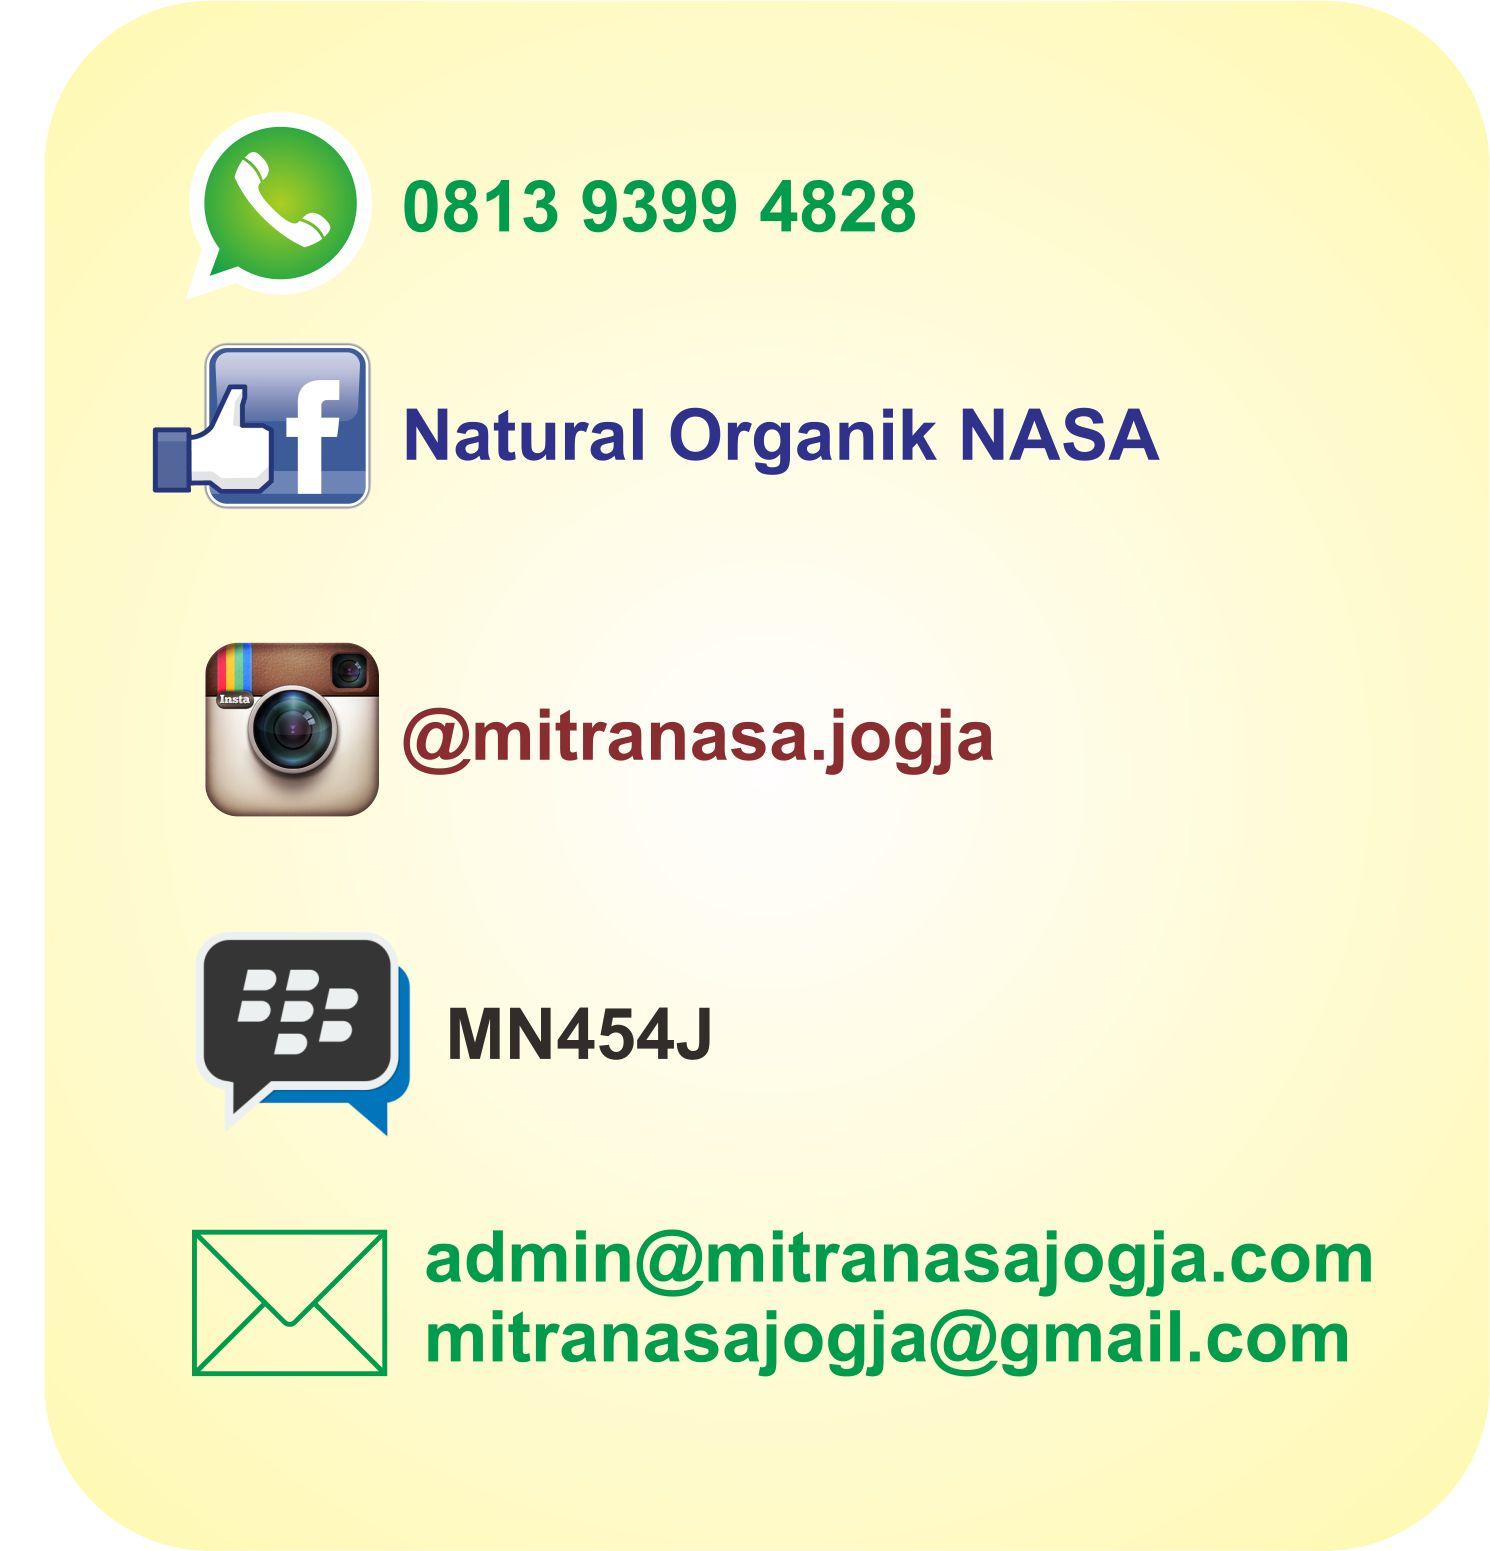 Moreskin Clean Glow Mitra Nasa Jogja Cream Harga Adalah Rp 15500000 Pcs